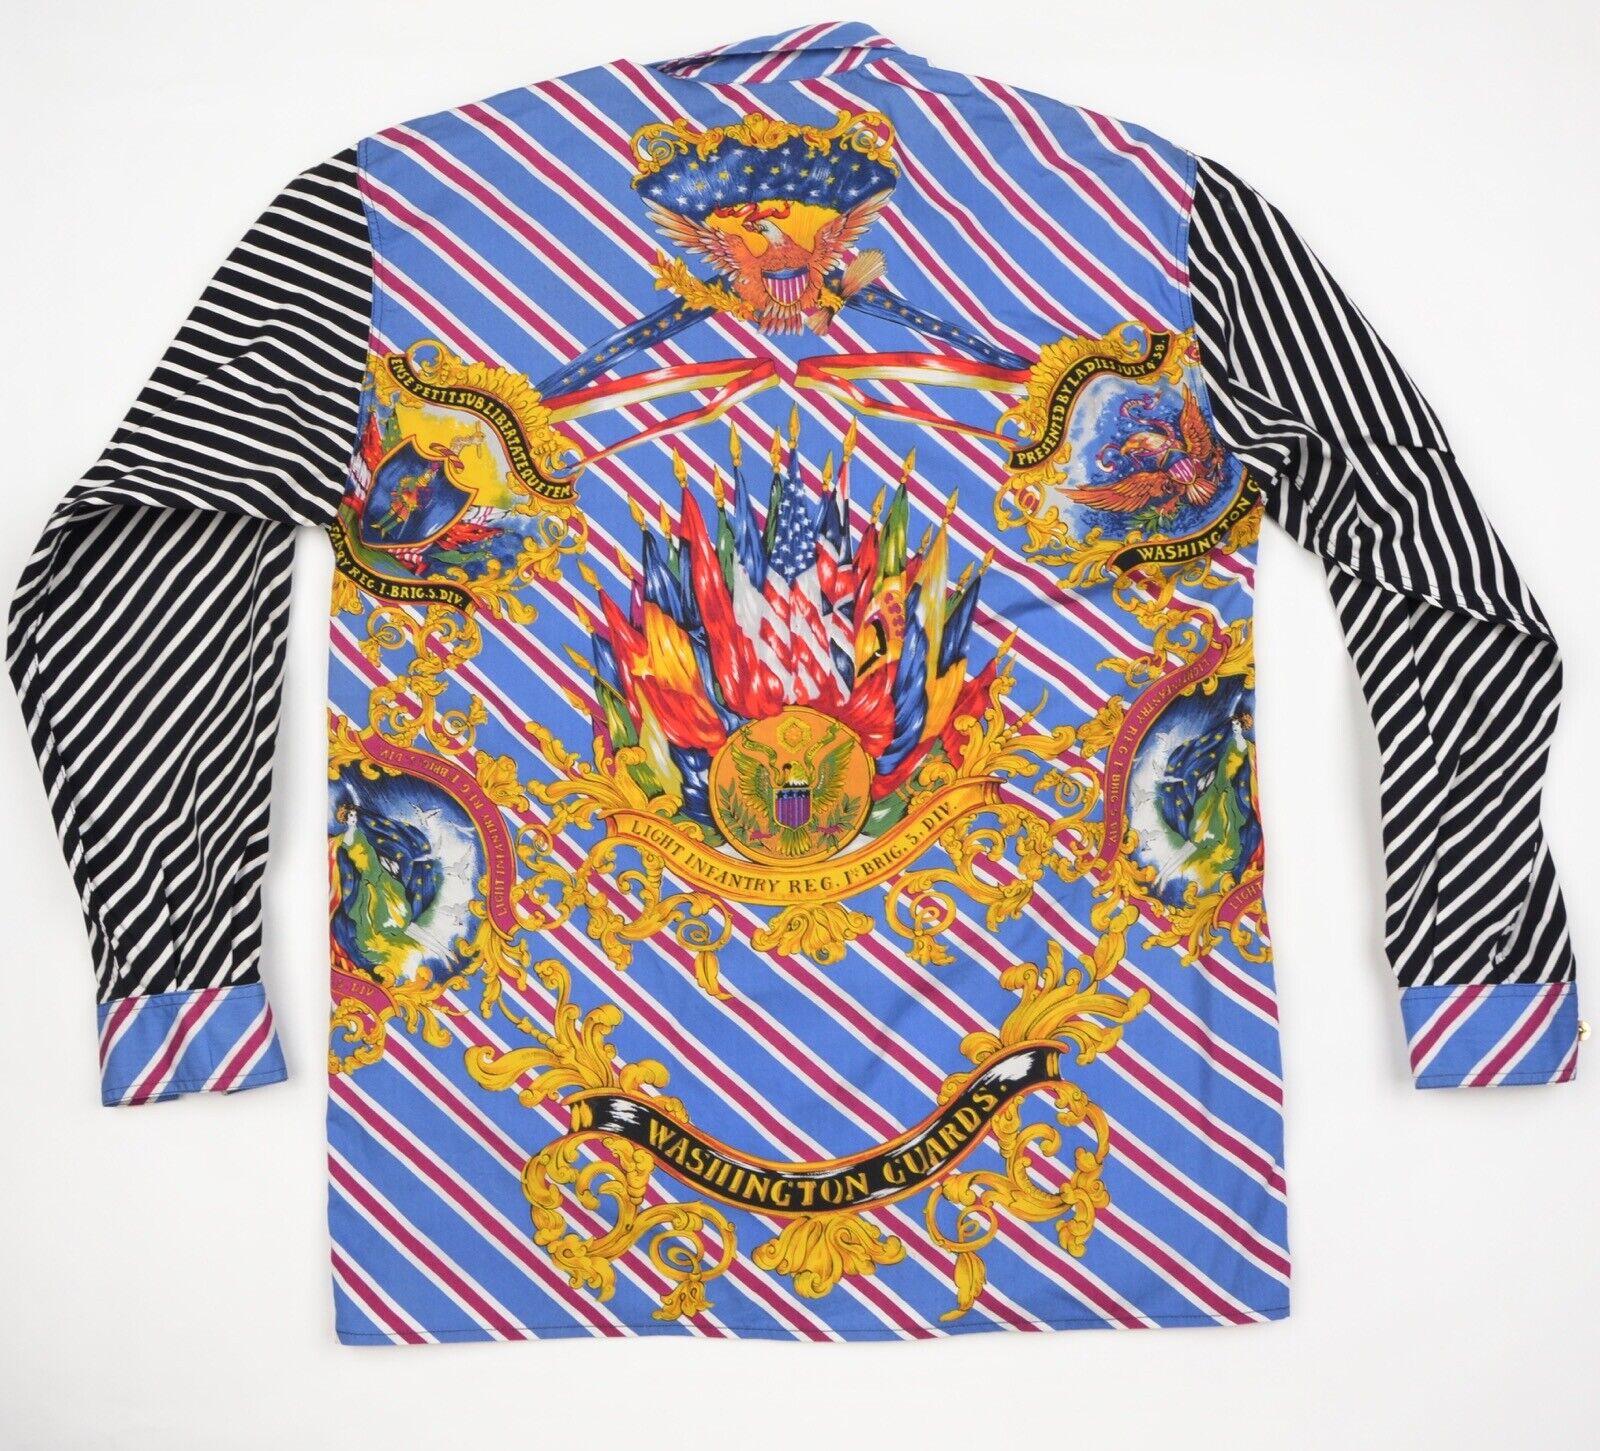 VINTAGE '93-94 Versace Jeans  Couture Hemd azulse Blouse Gr S Washington Guards  caliente